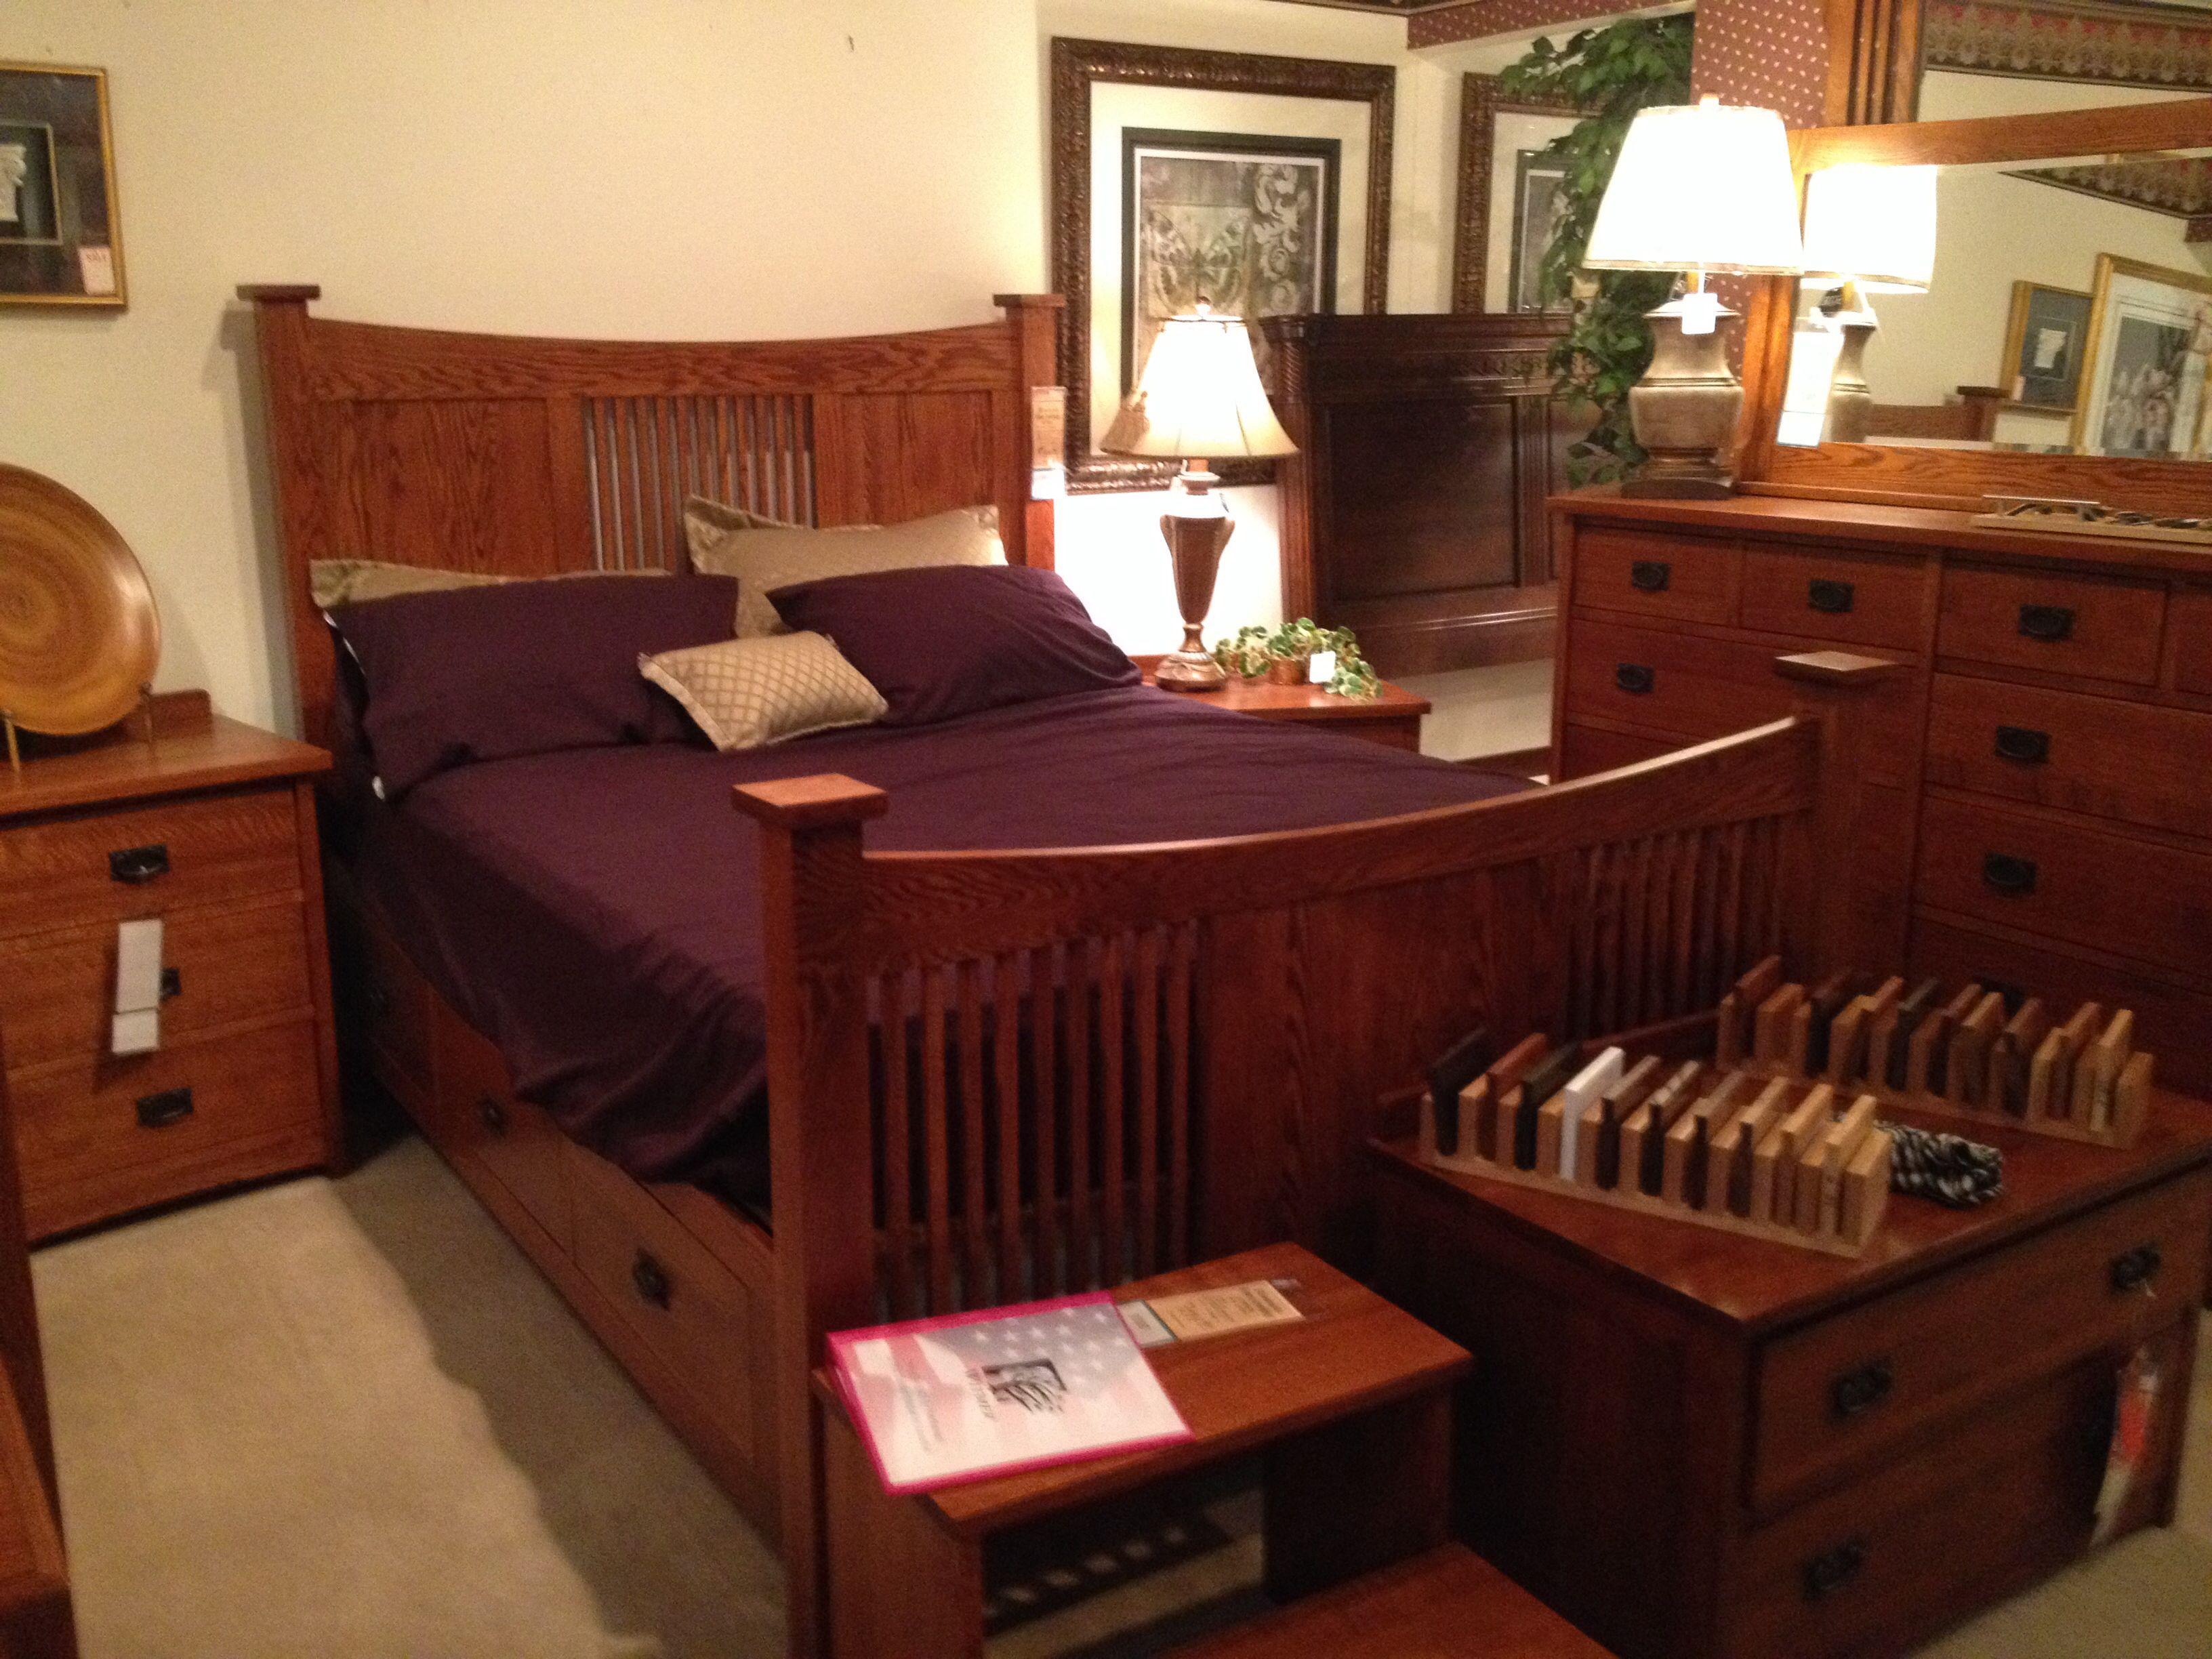 Mission Bedroom Set Hendricks Home Furnishings